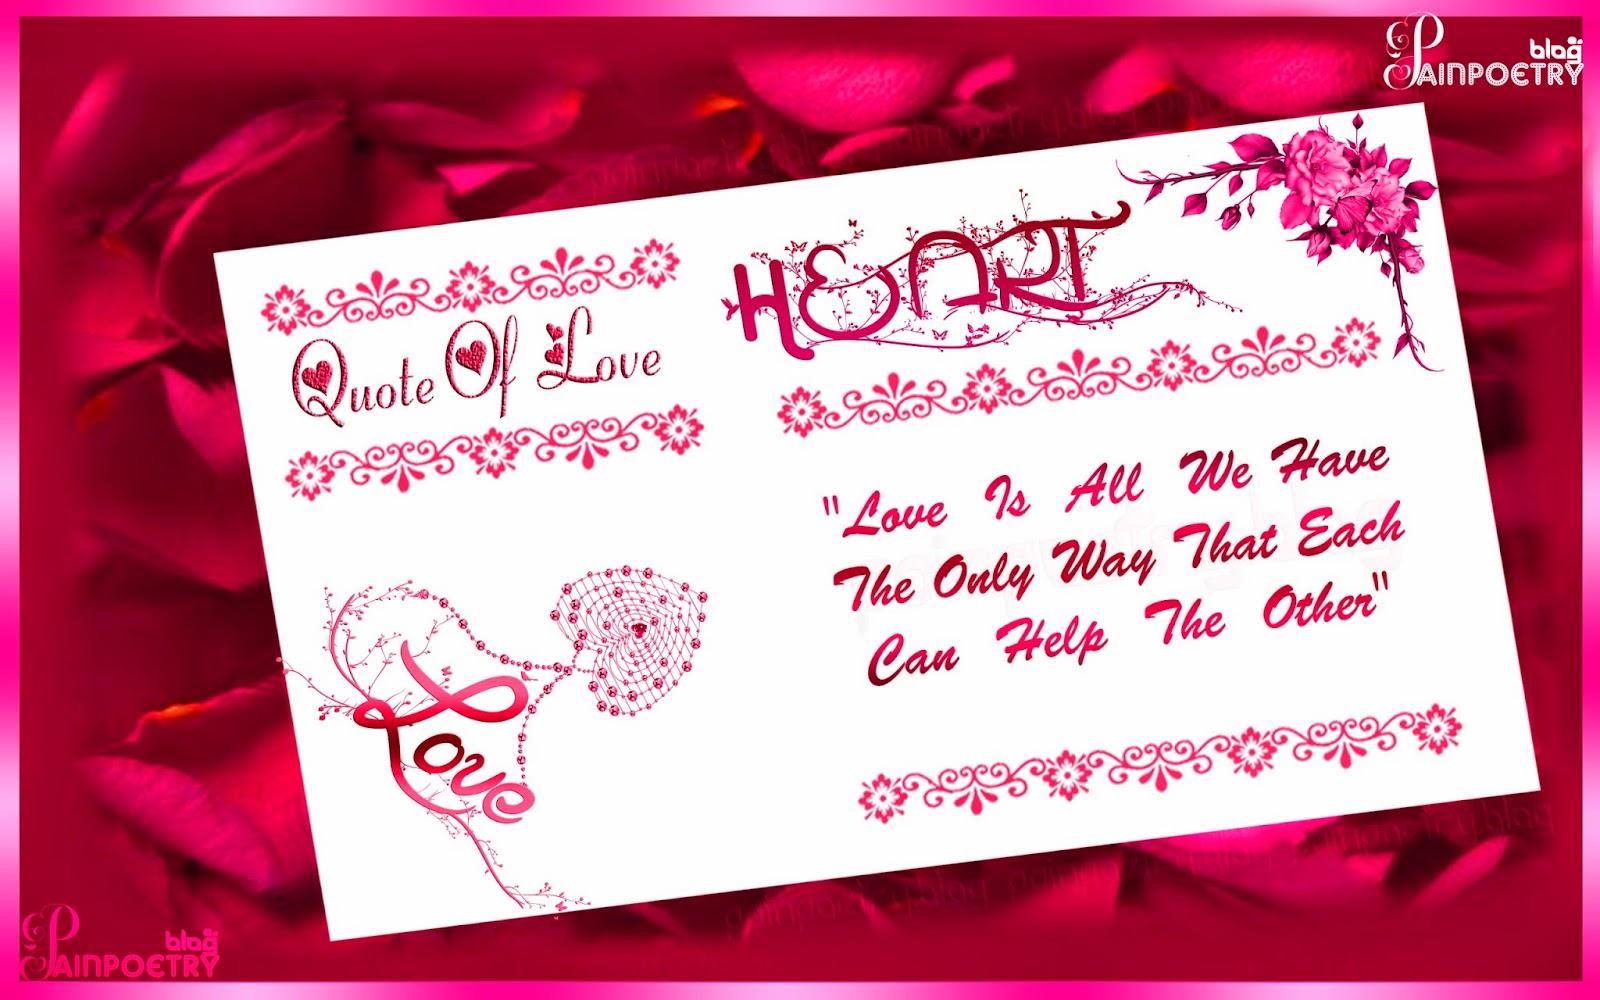 Love-Quote-Love-Image-Wallpaper-Cute-HD